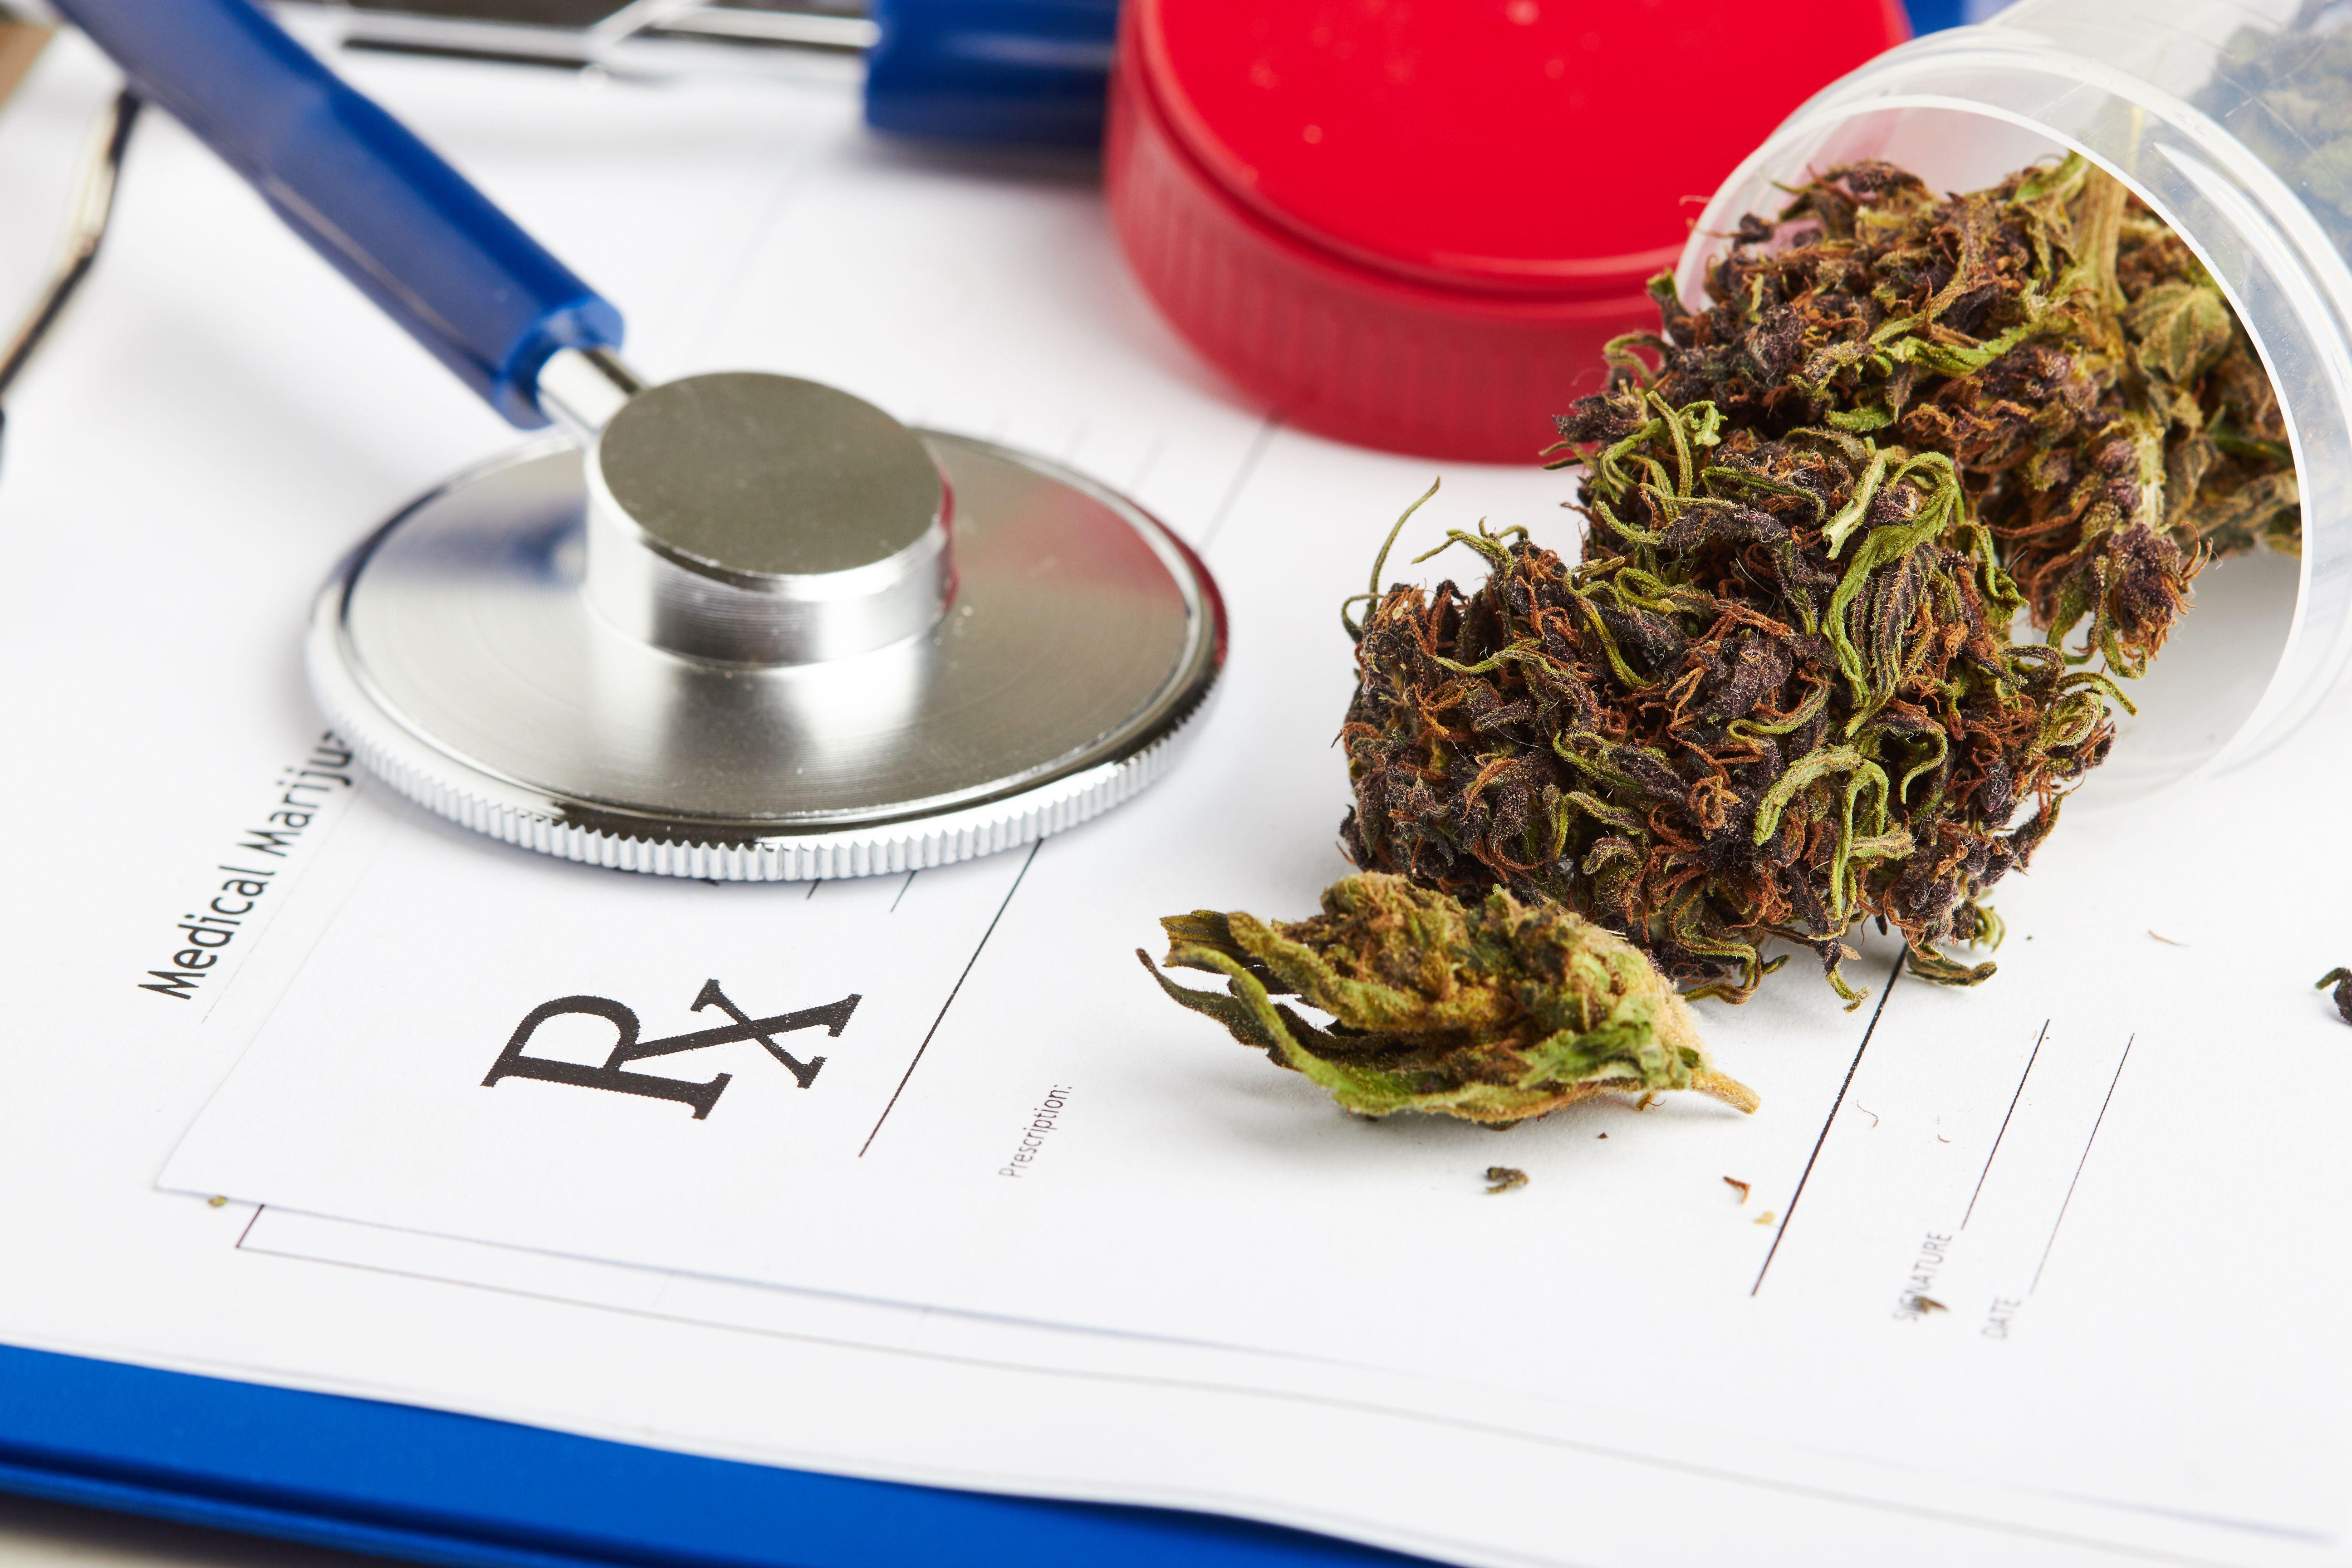 RNS Q&A: Medical Marijuana and CBD Oils